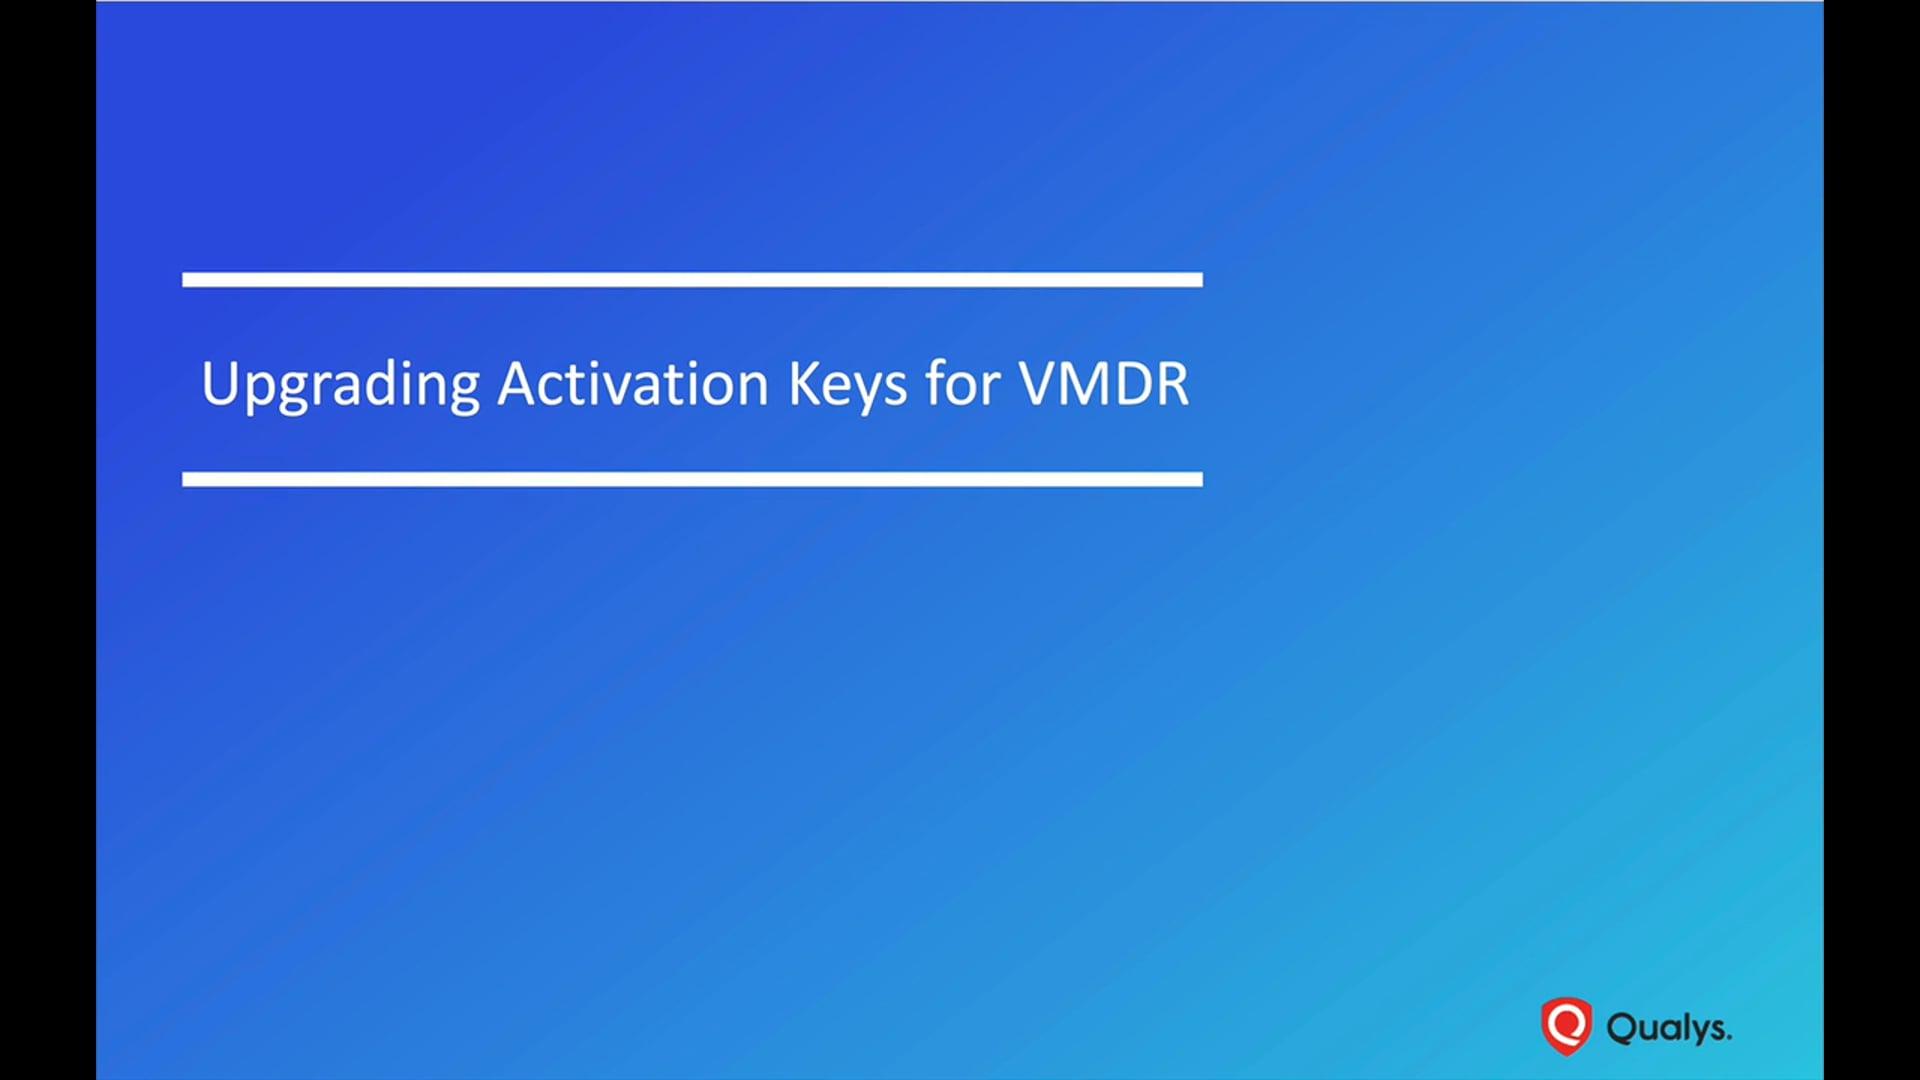 Upgrading Activation Keys for VMDR